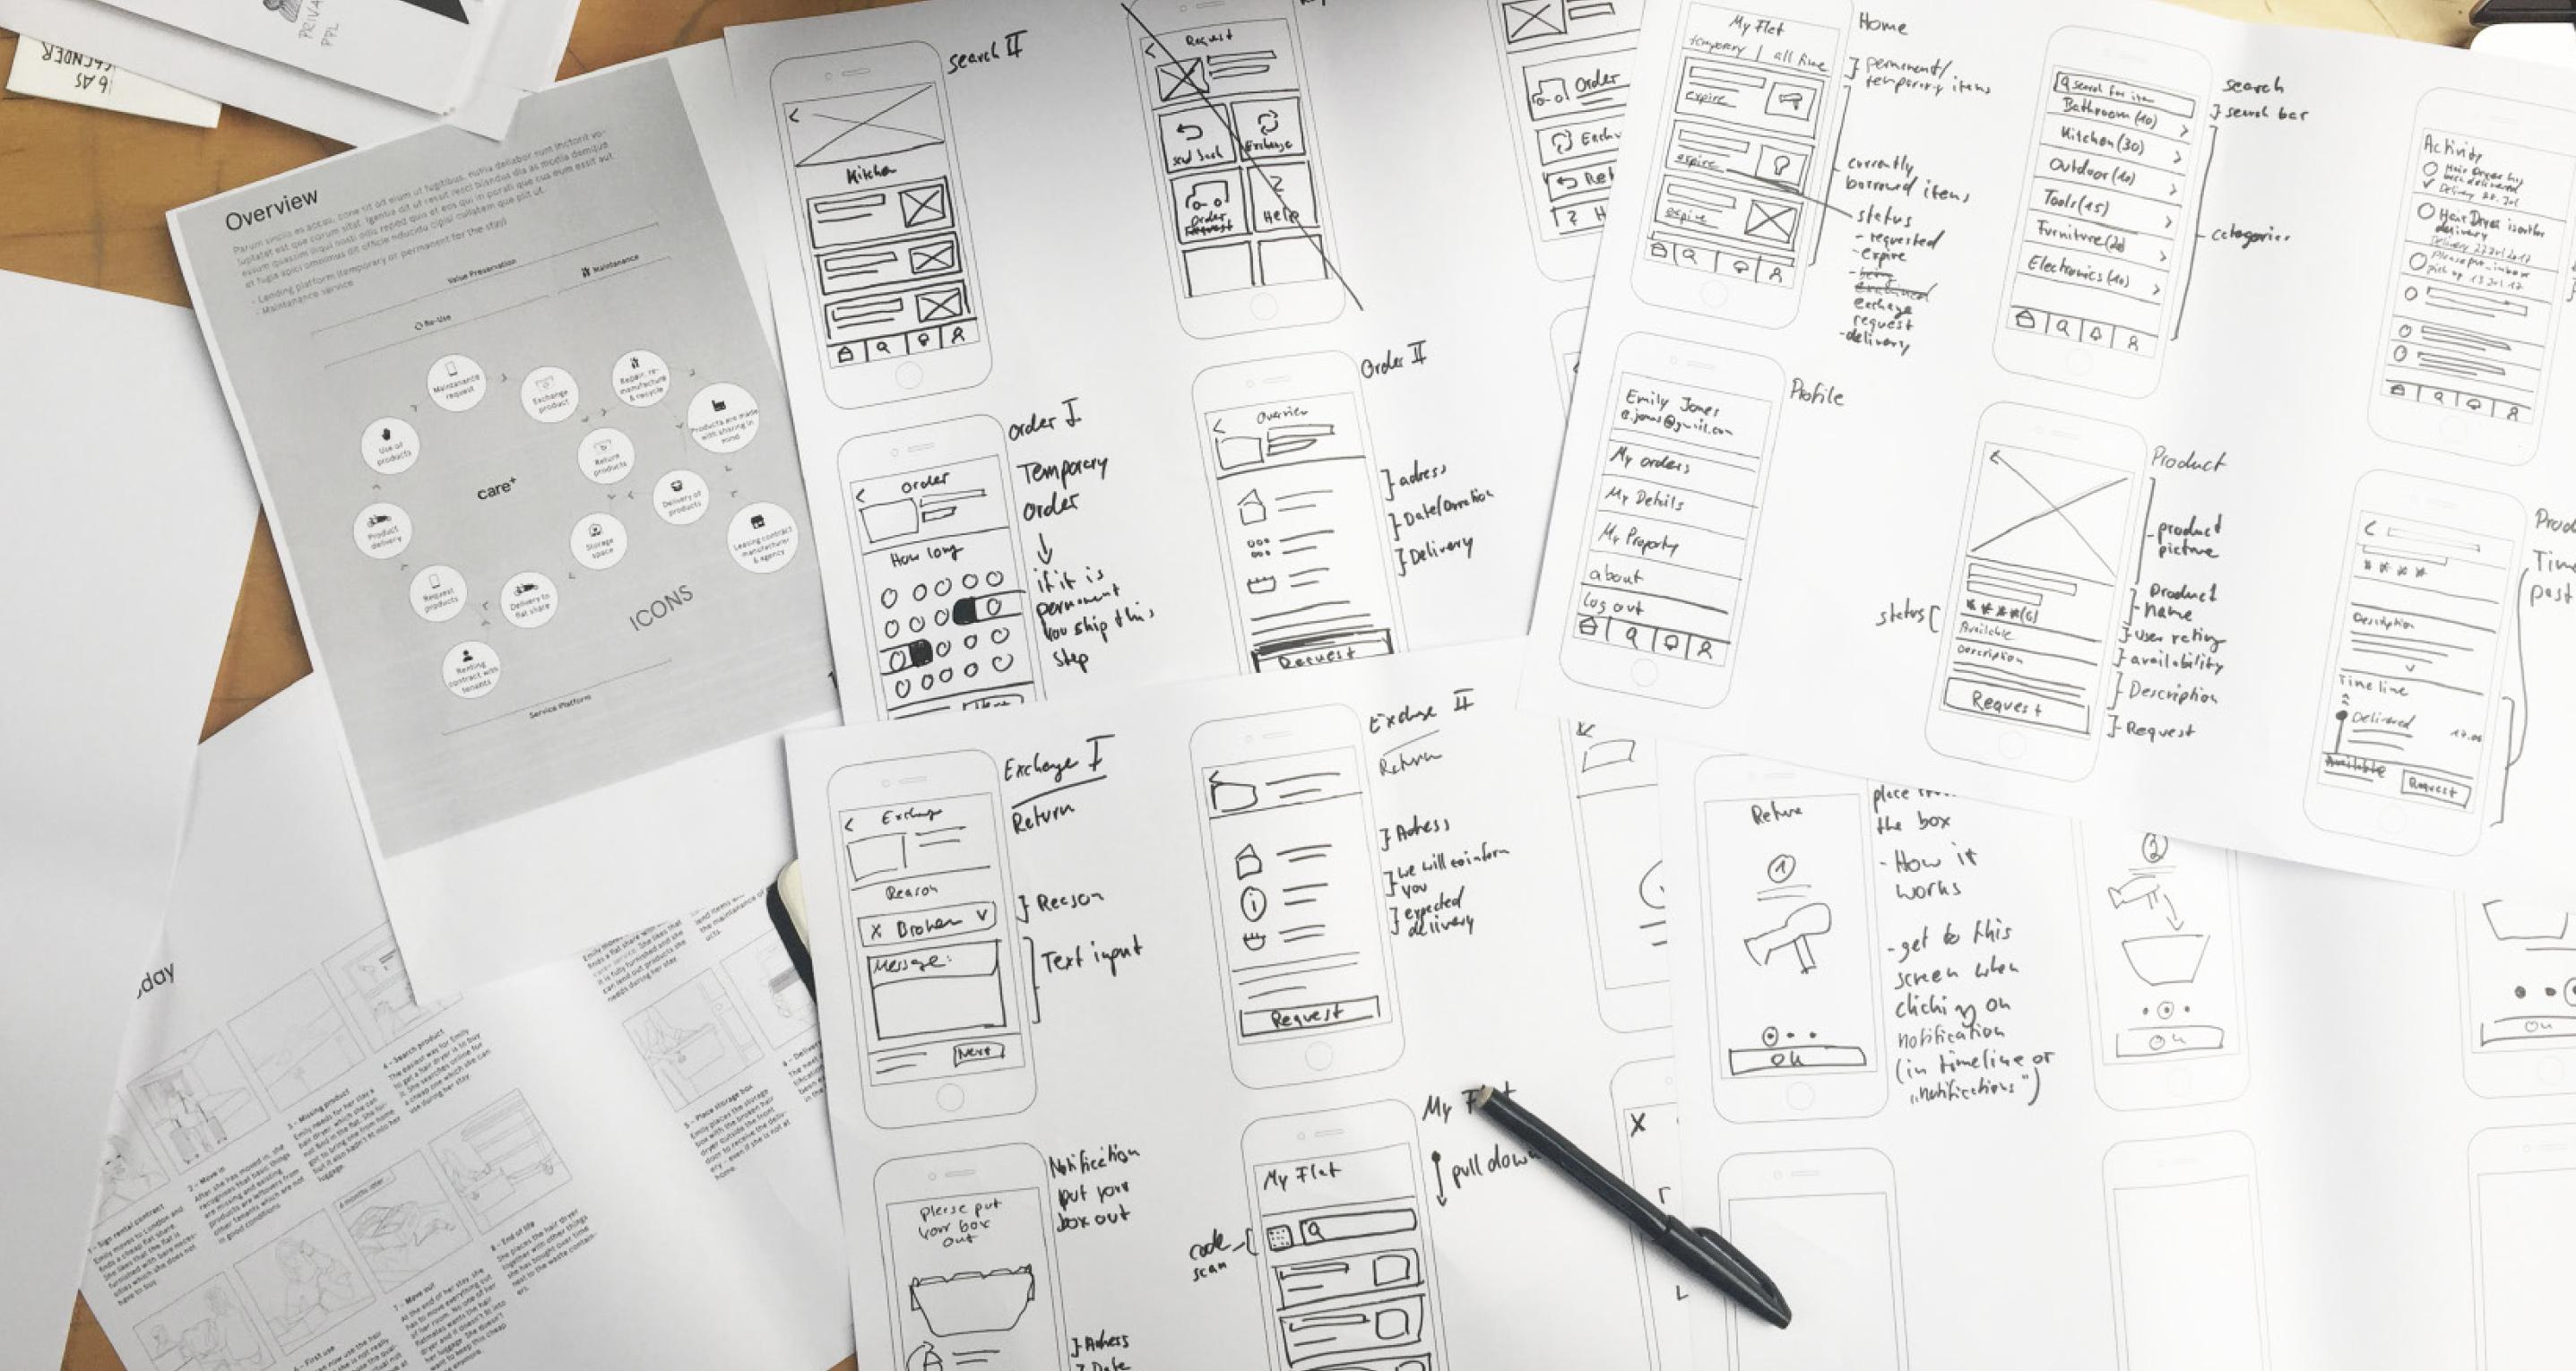 flatbox-develop-sketch